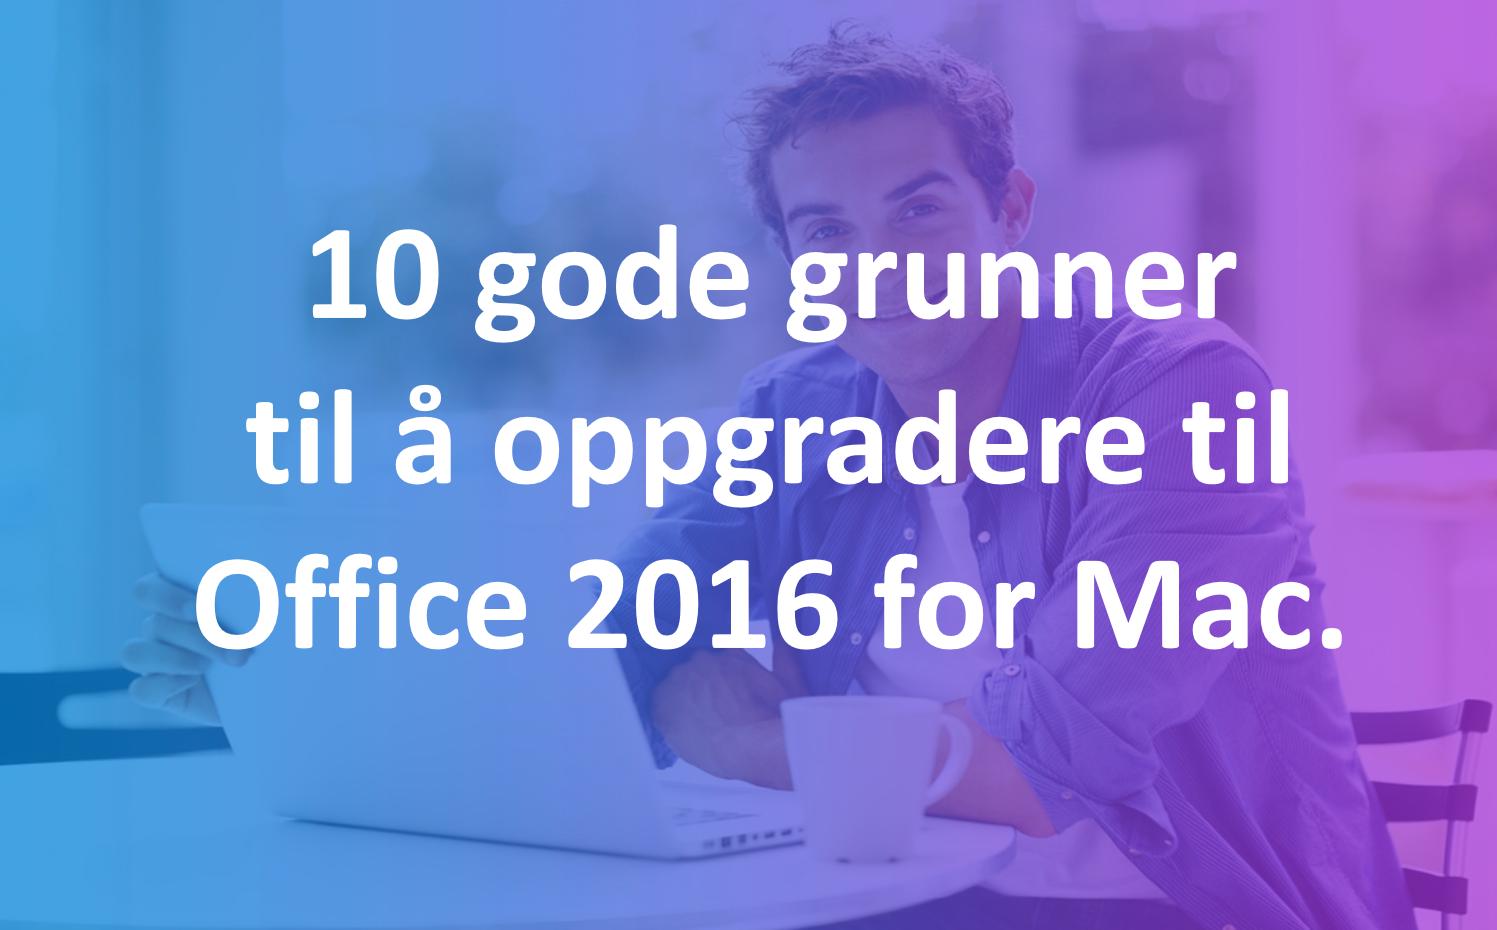 10 gode grunner til å oppgradere til Office 2016 for Mac